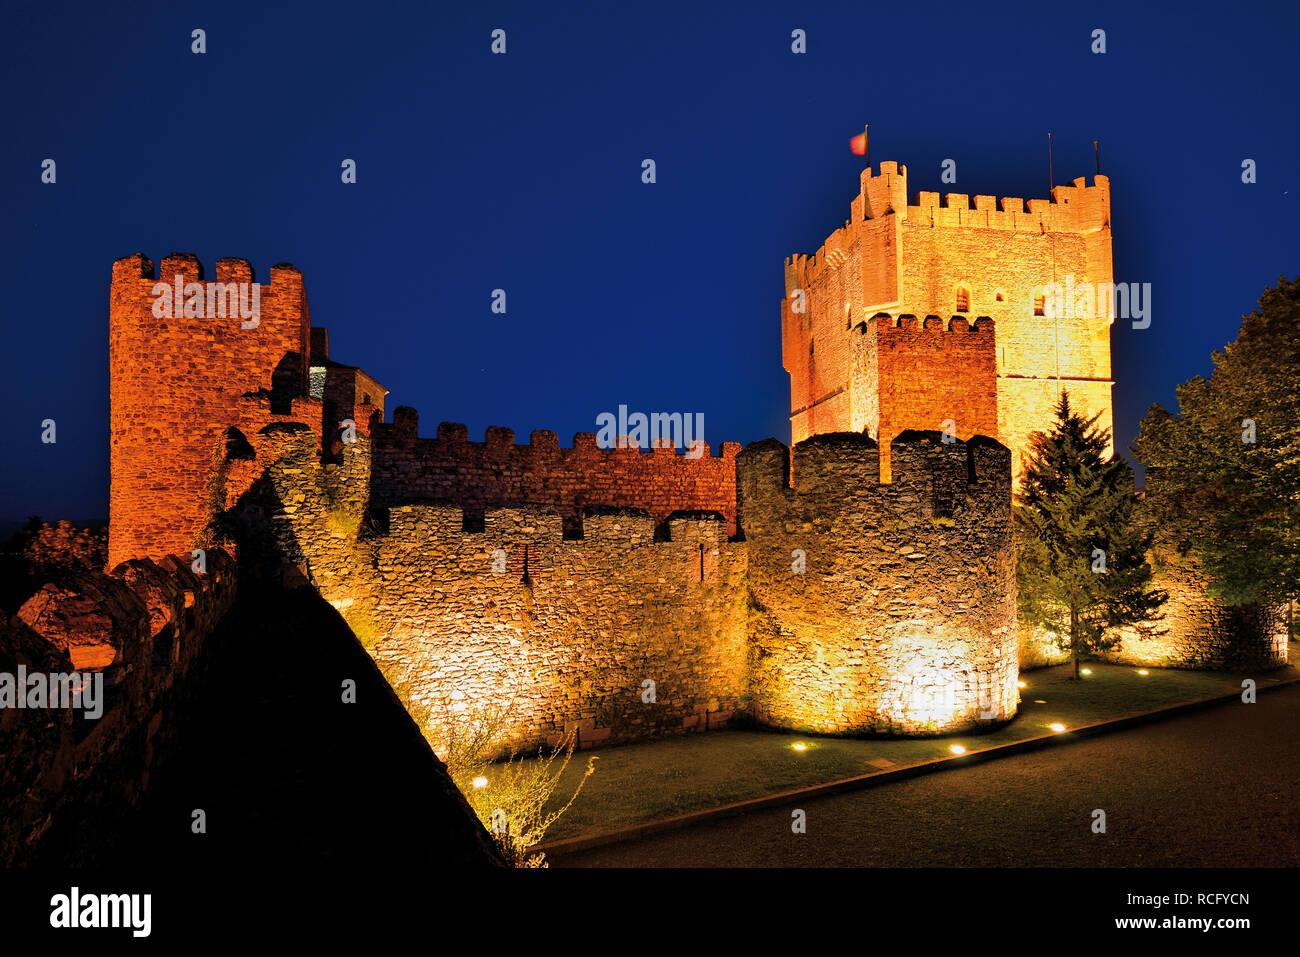 Nächtliche Ansicht der mittelalterlichen Burg Stockfoto